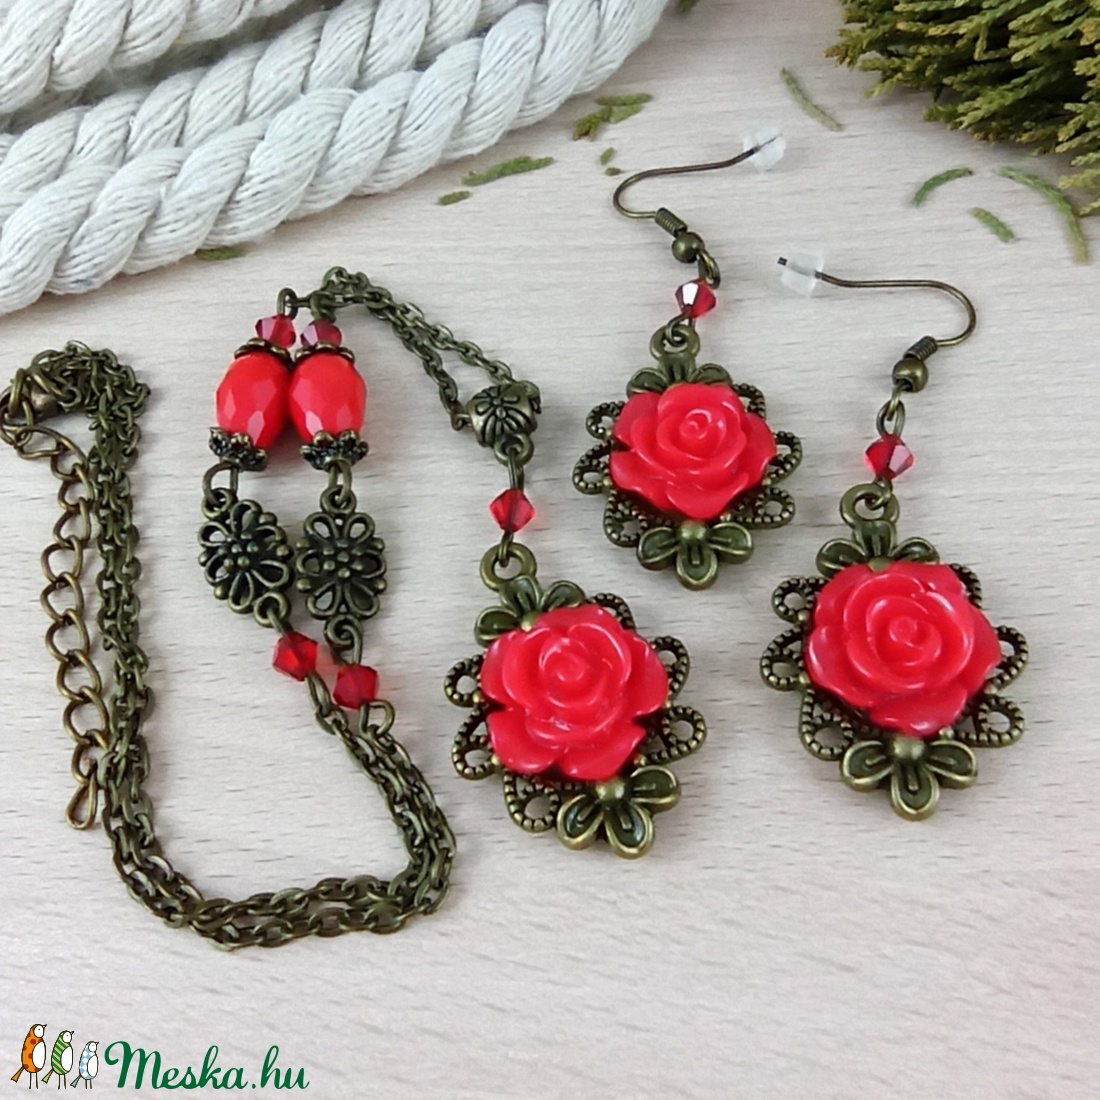 #45 piros rózsás antik bronz szett nyaklánc fülbevaló esküvő alkalmi koszorúslány örömanya menyasszony násznagy - ékszer - ékszerszett - Meska.hu